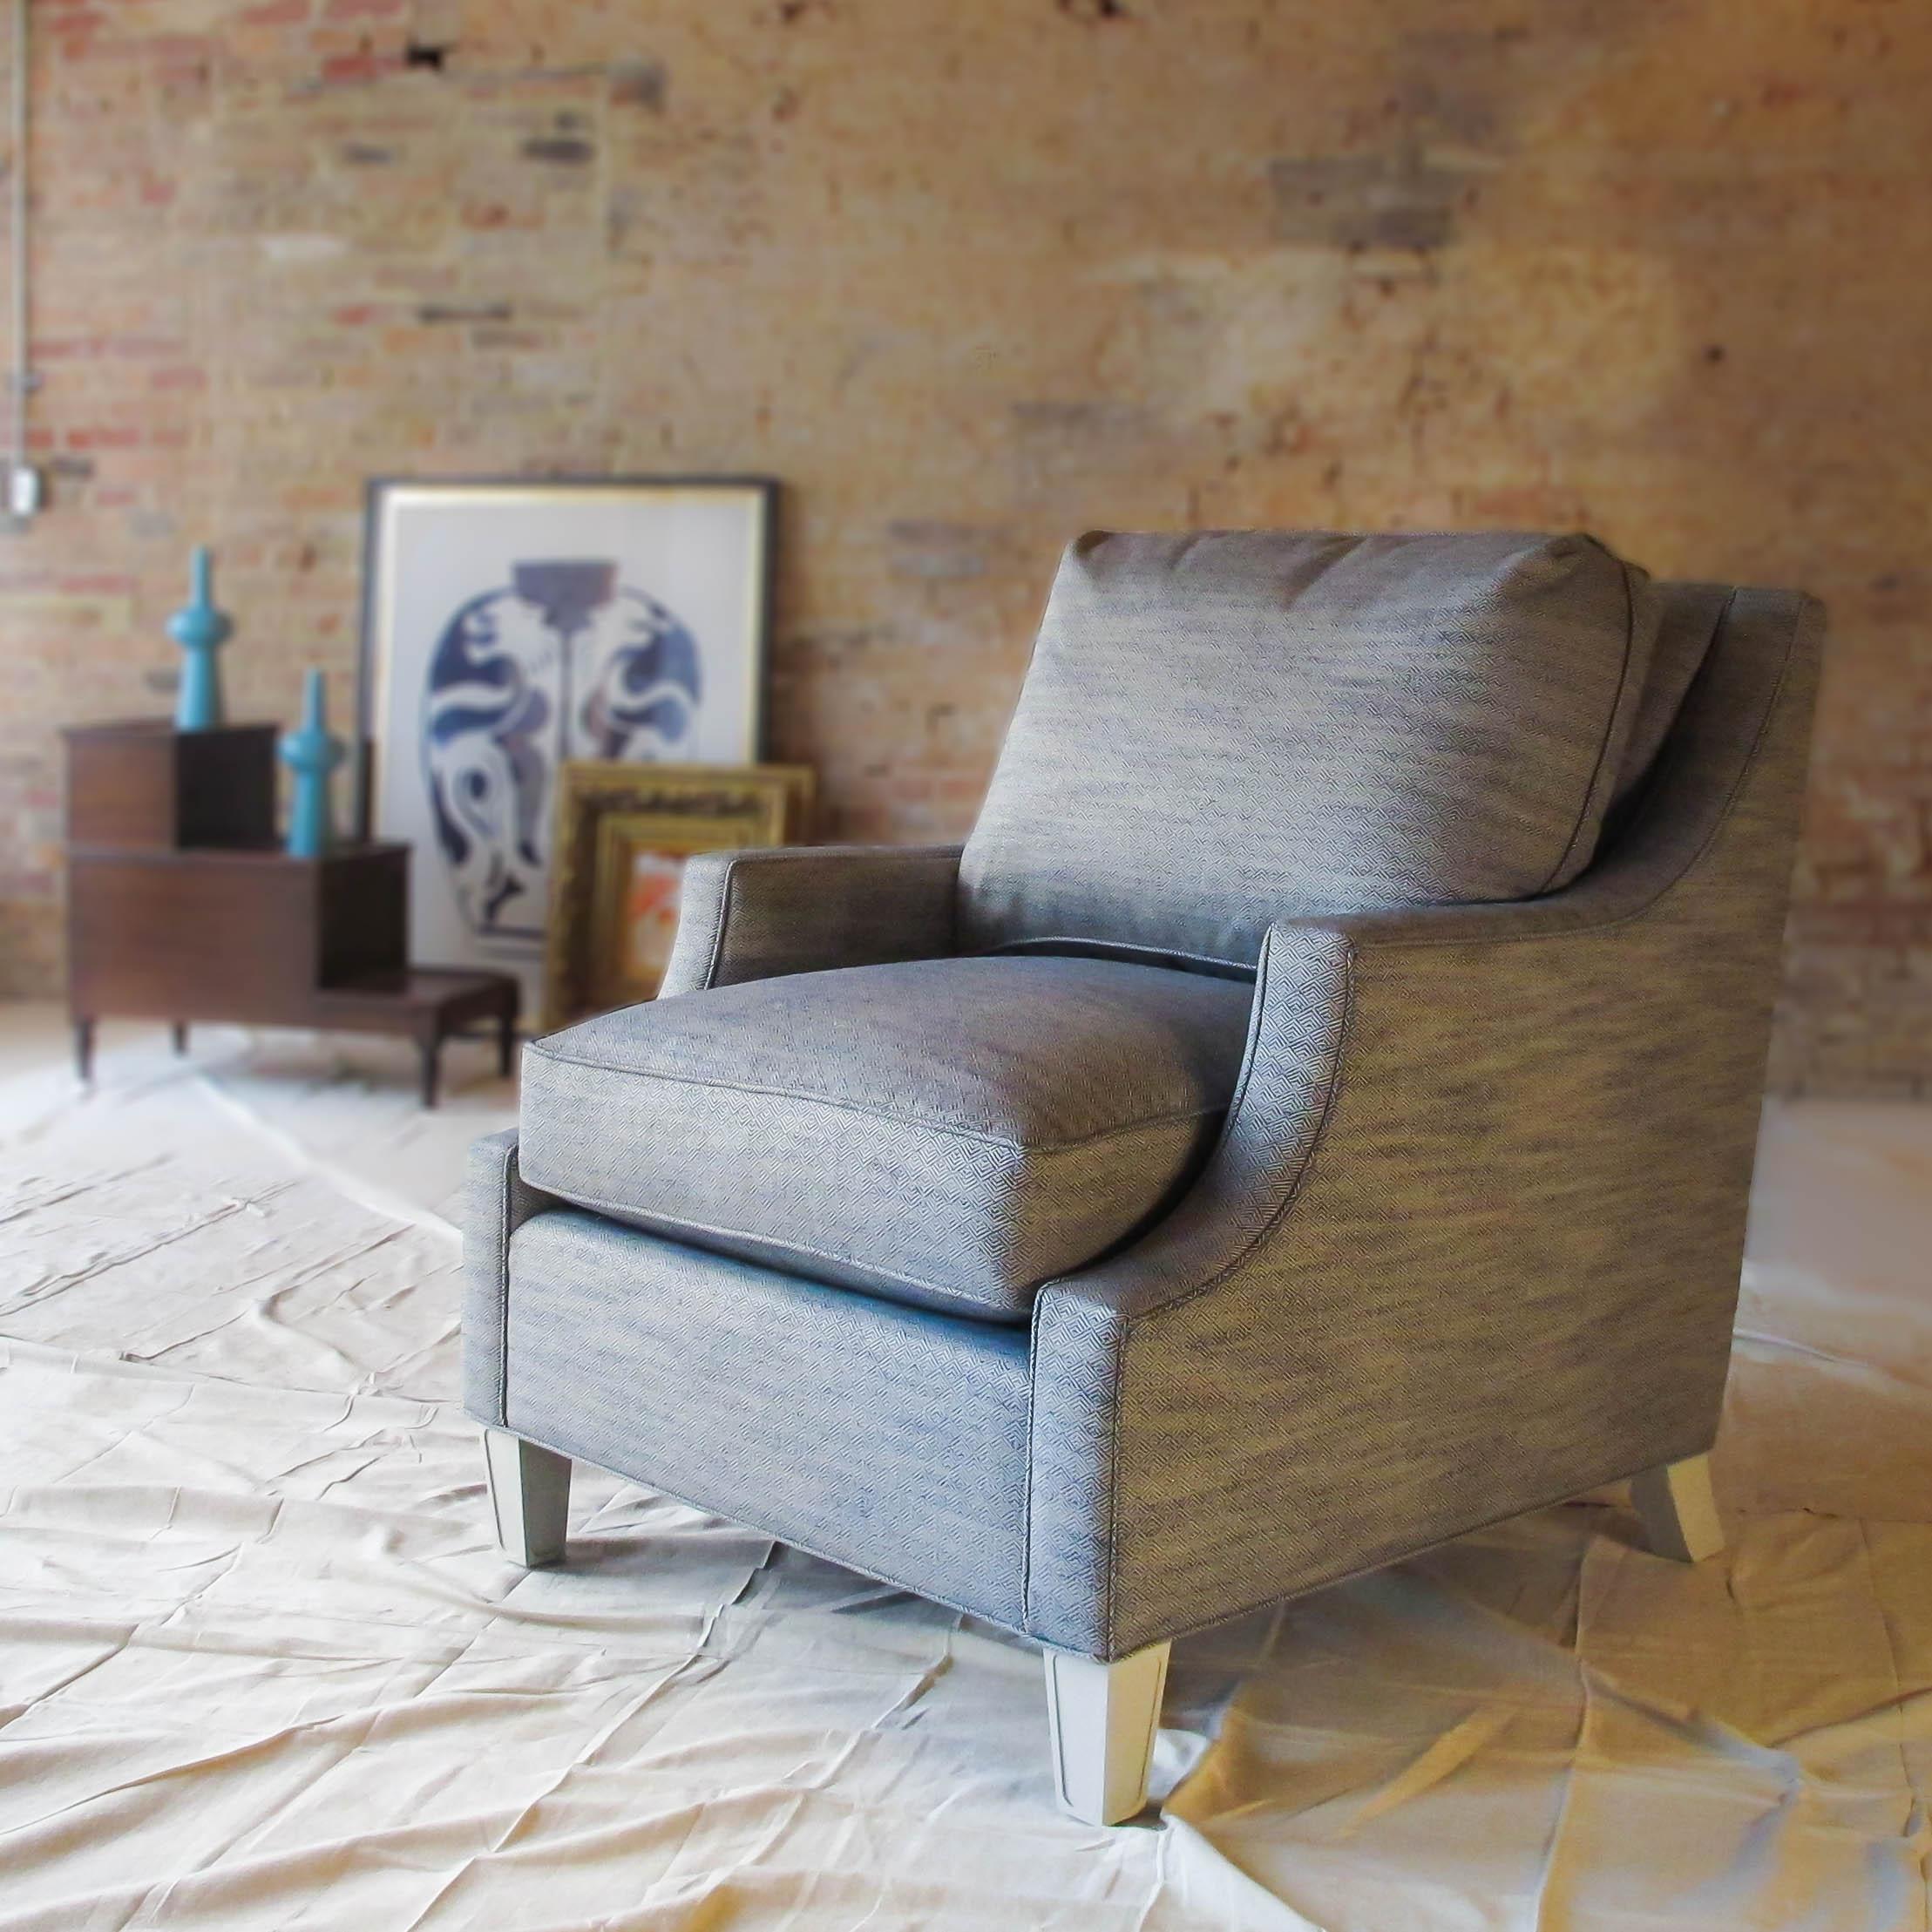 Nestology-american-made-custom-upholstery-for-makenest.jpg